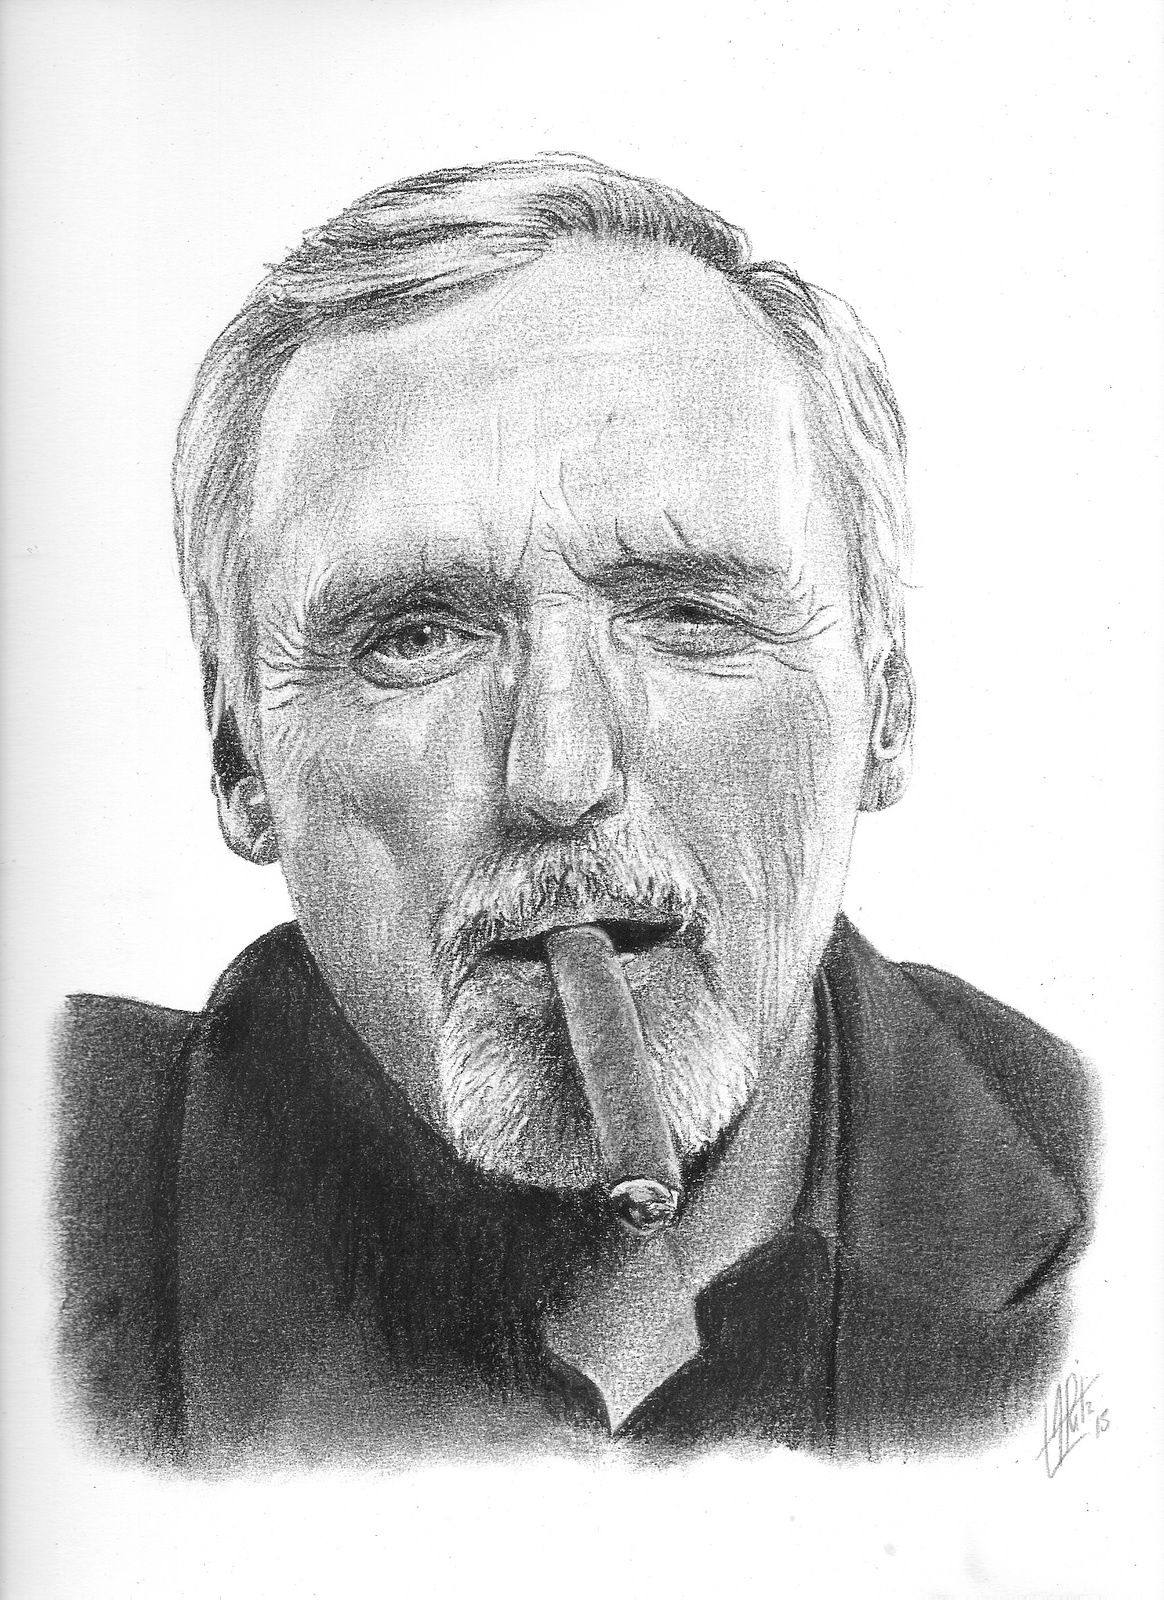 Dieu est un fumeur...